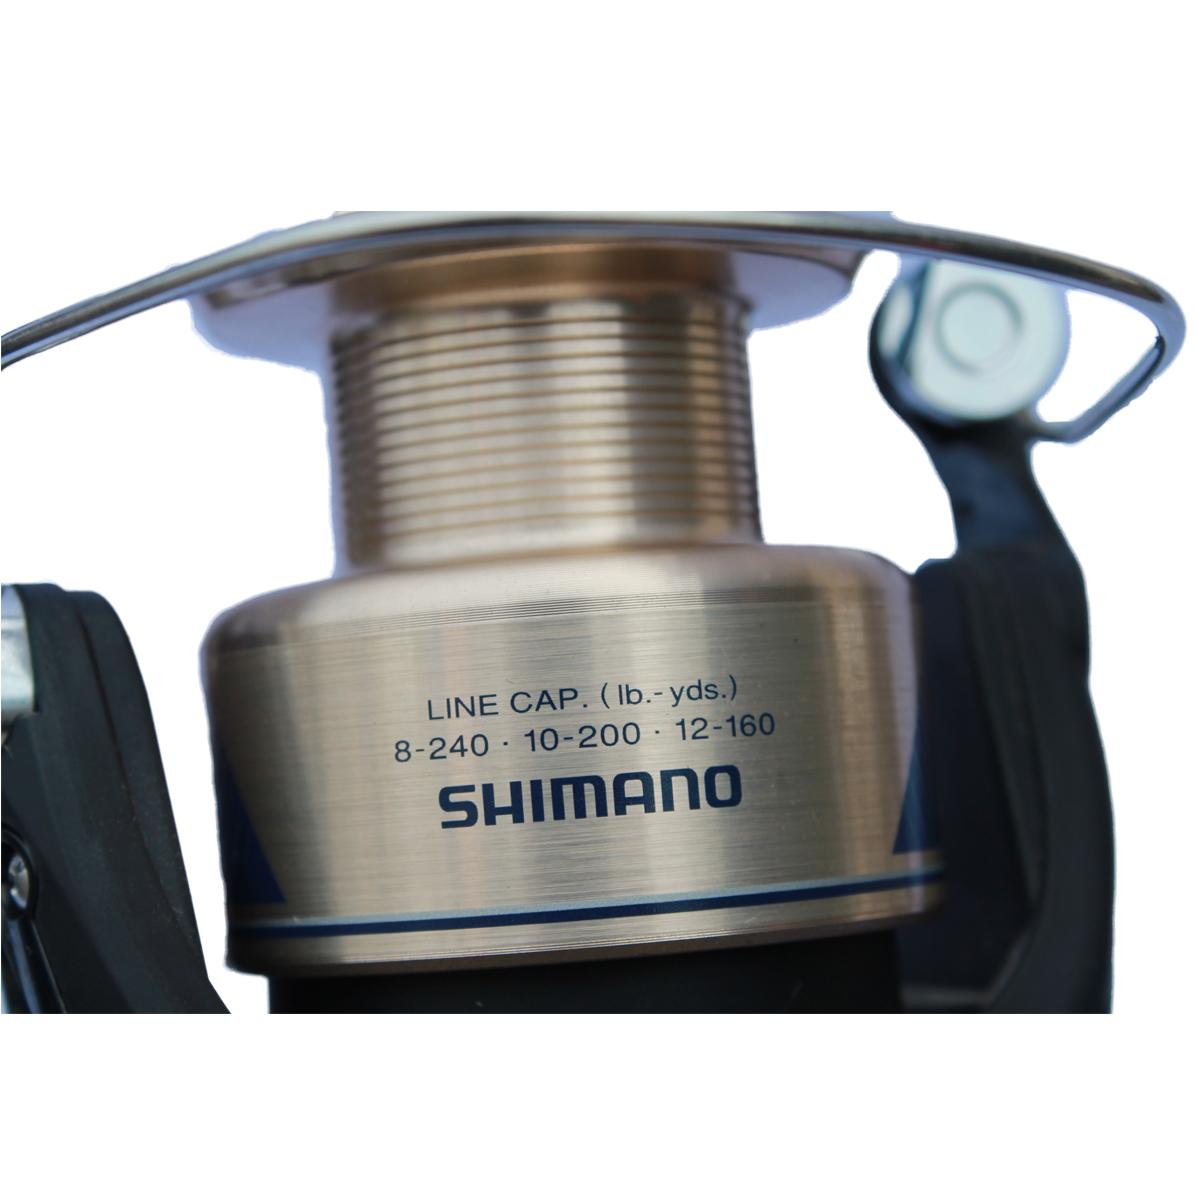 Bộ Cần Câu Shimano Đặc 2802 Và Máy Câu Shimano AX 4000FB